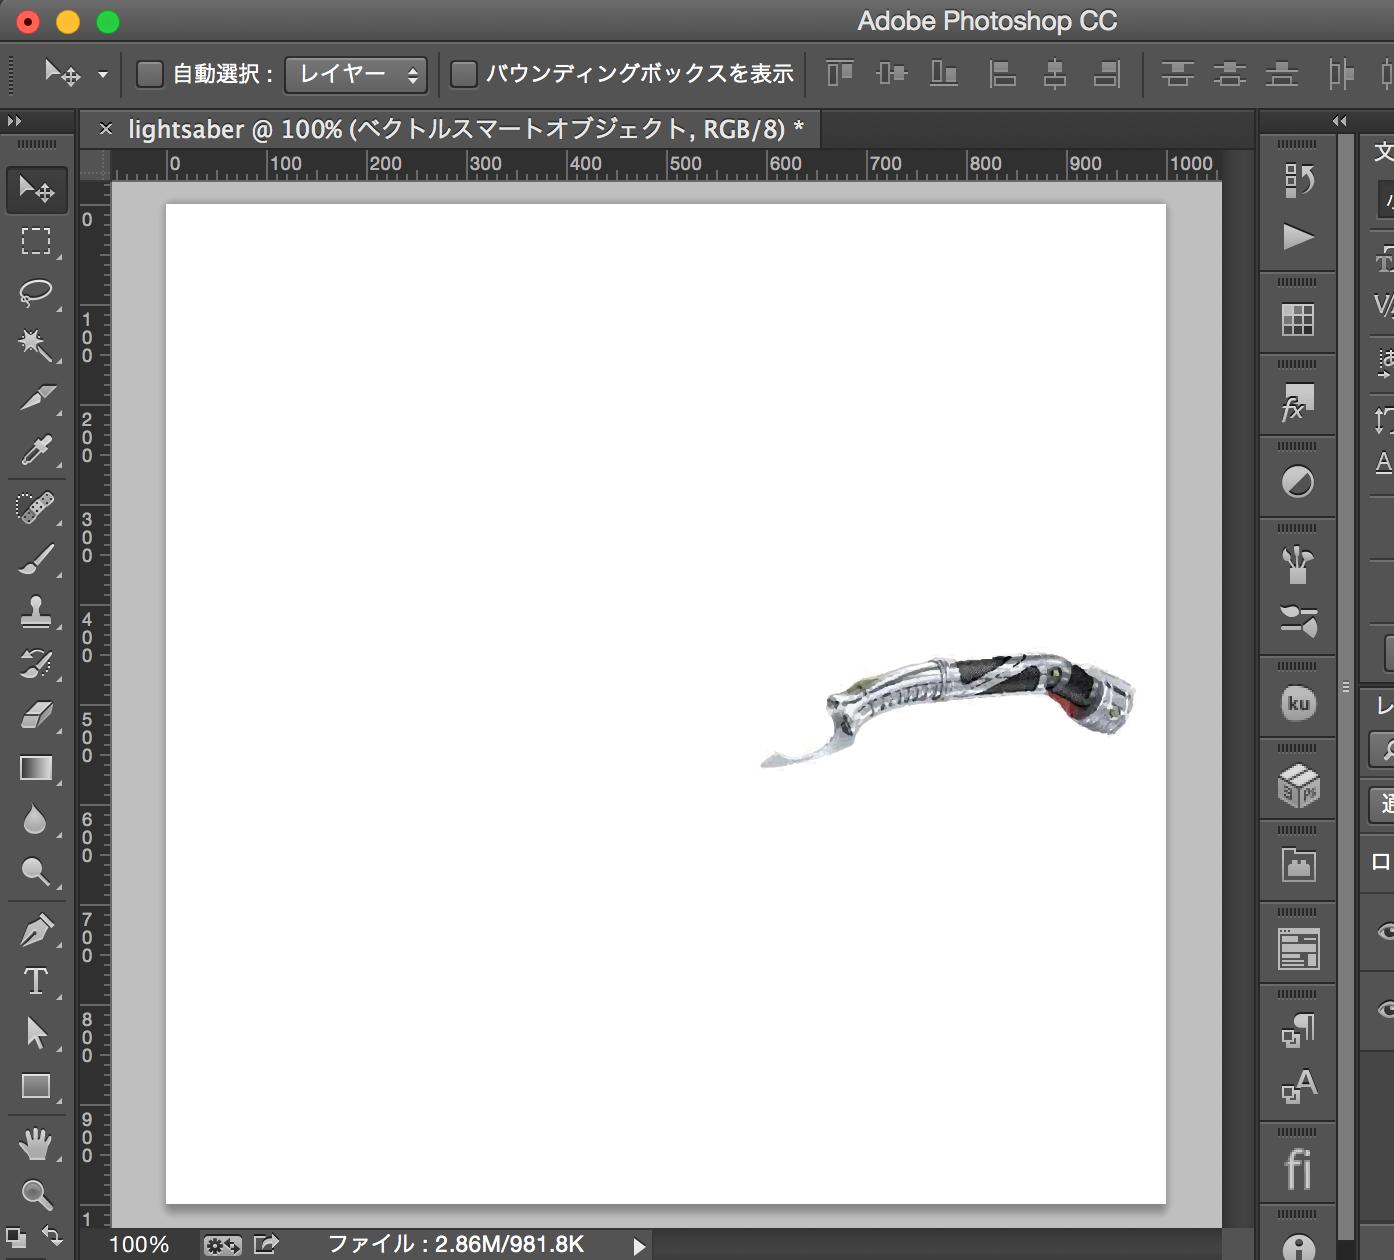 lightsaber_02.png